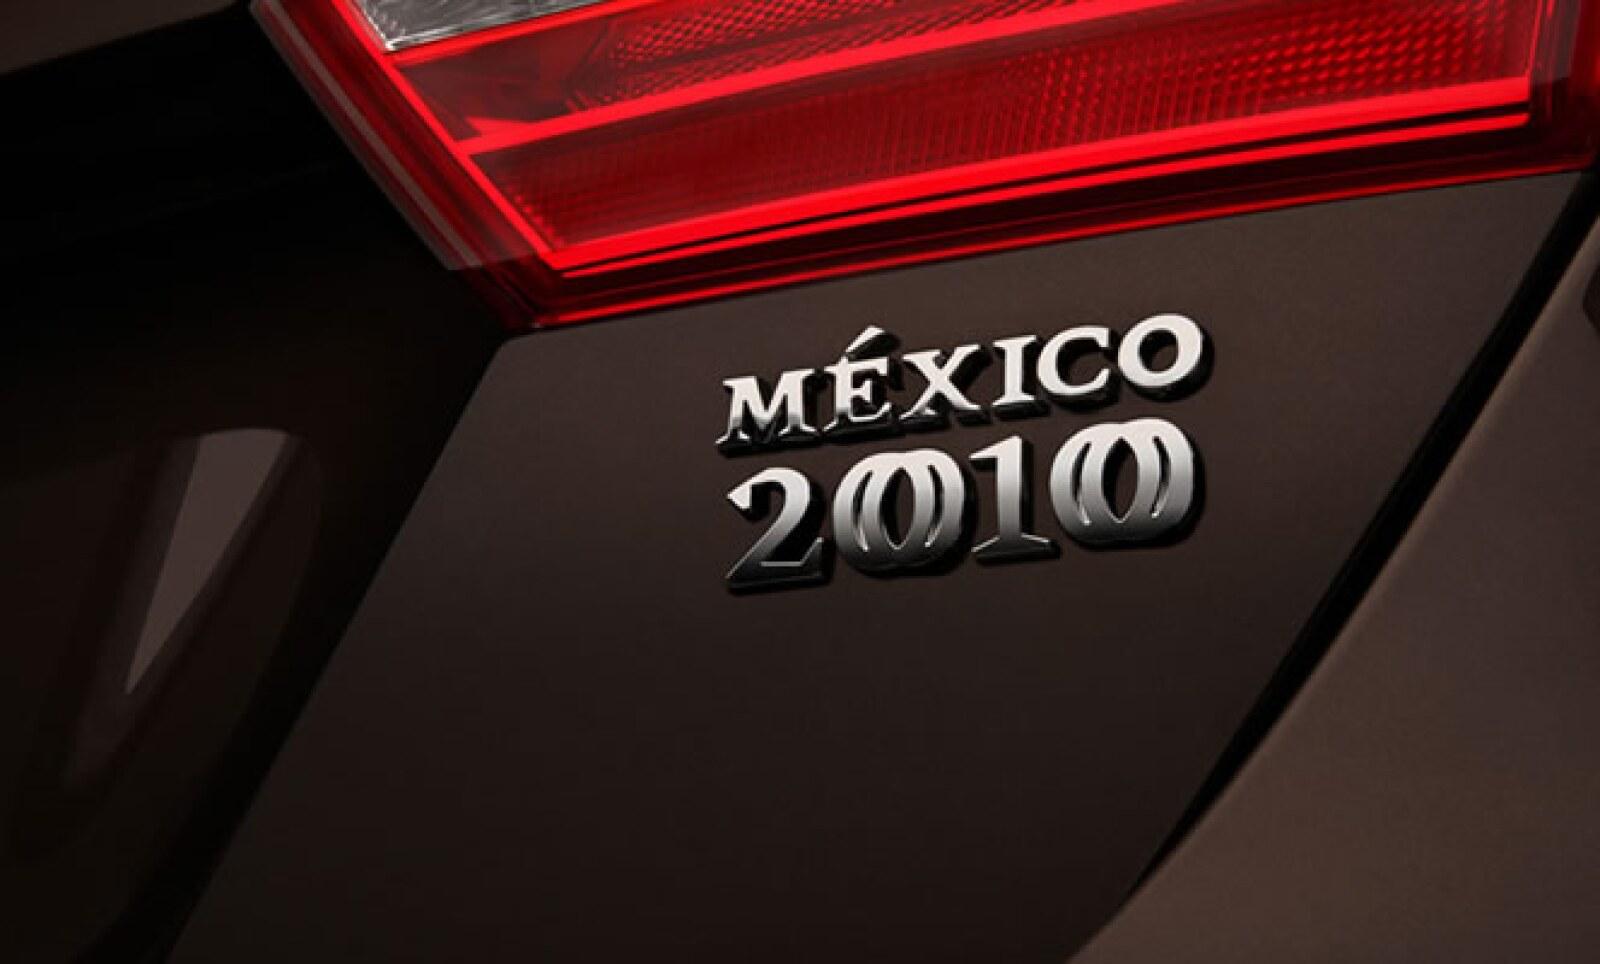 El costo de este modelo, con tan sólo 2010 unidades a la venta, es de 299,900 pesos.